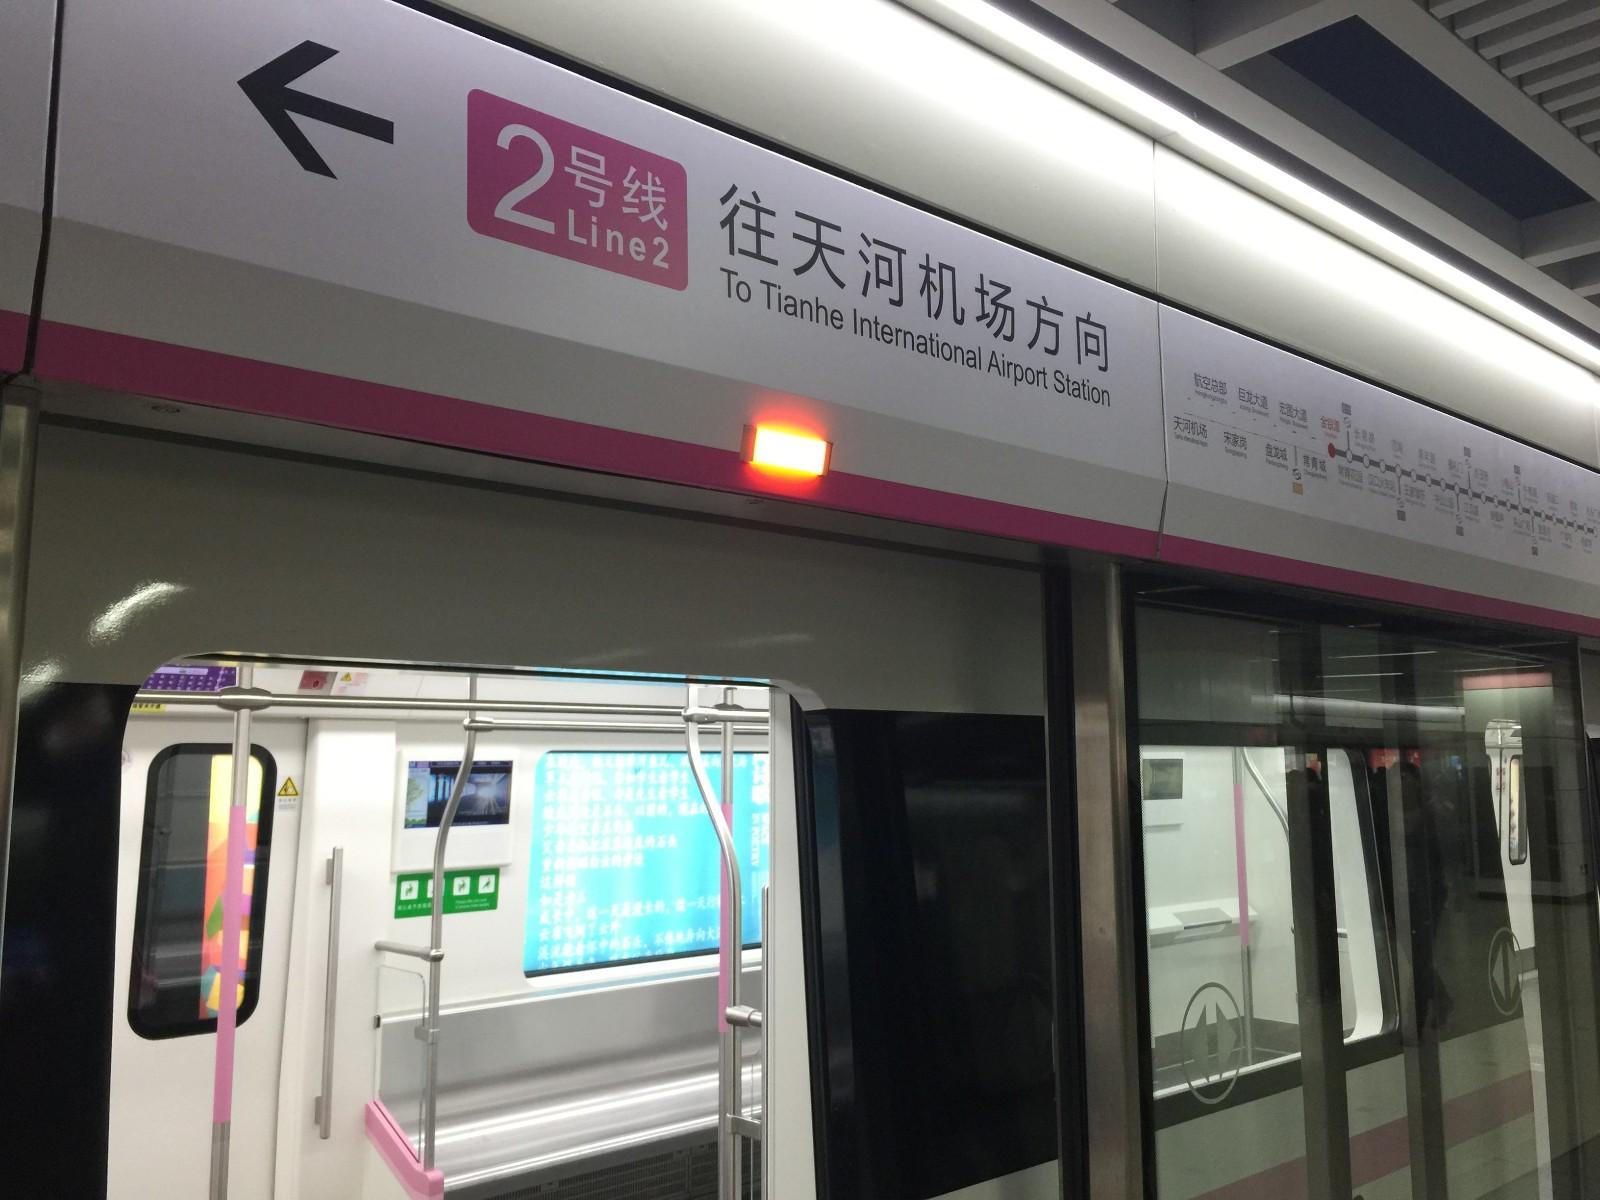 地铁是不是又涨价了?交通费开销好大!都不敢坐地铁了……